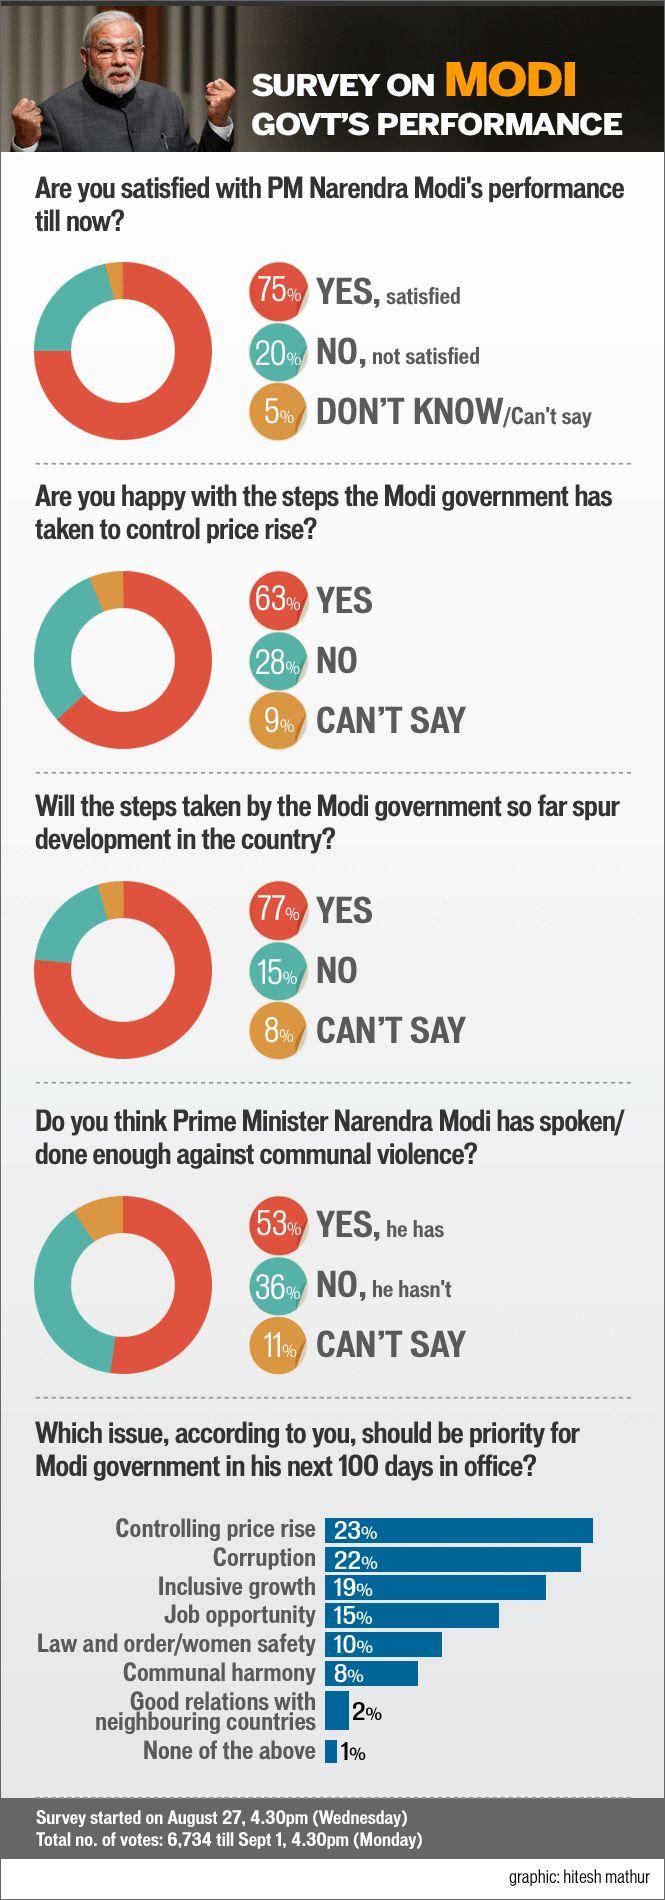 http://www.hindustantimes.com/Images/popup/2014/9/survey_modi_graphs.gif